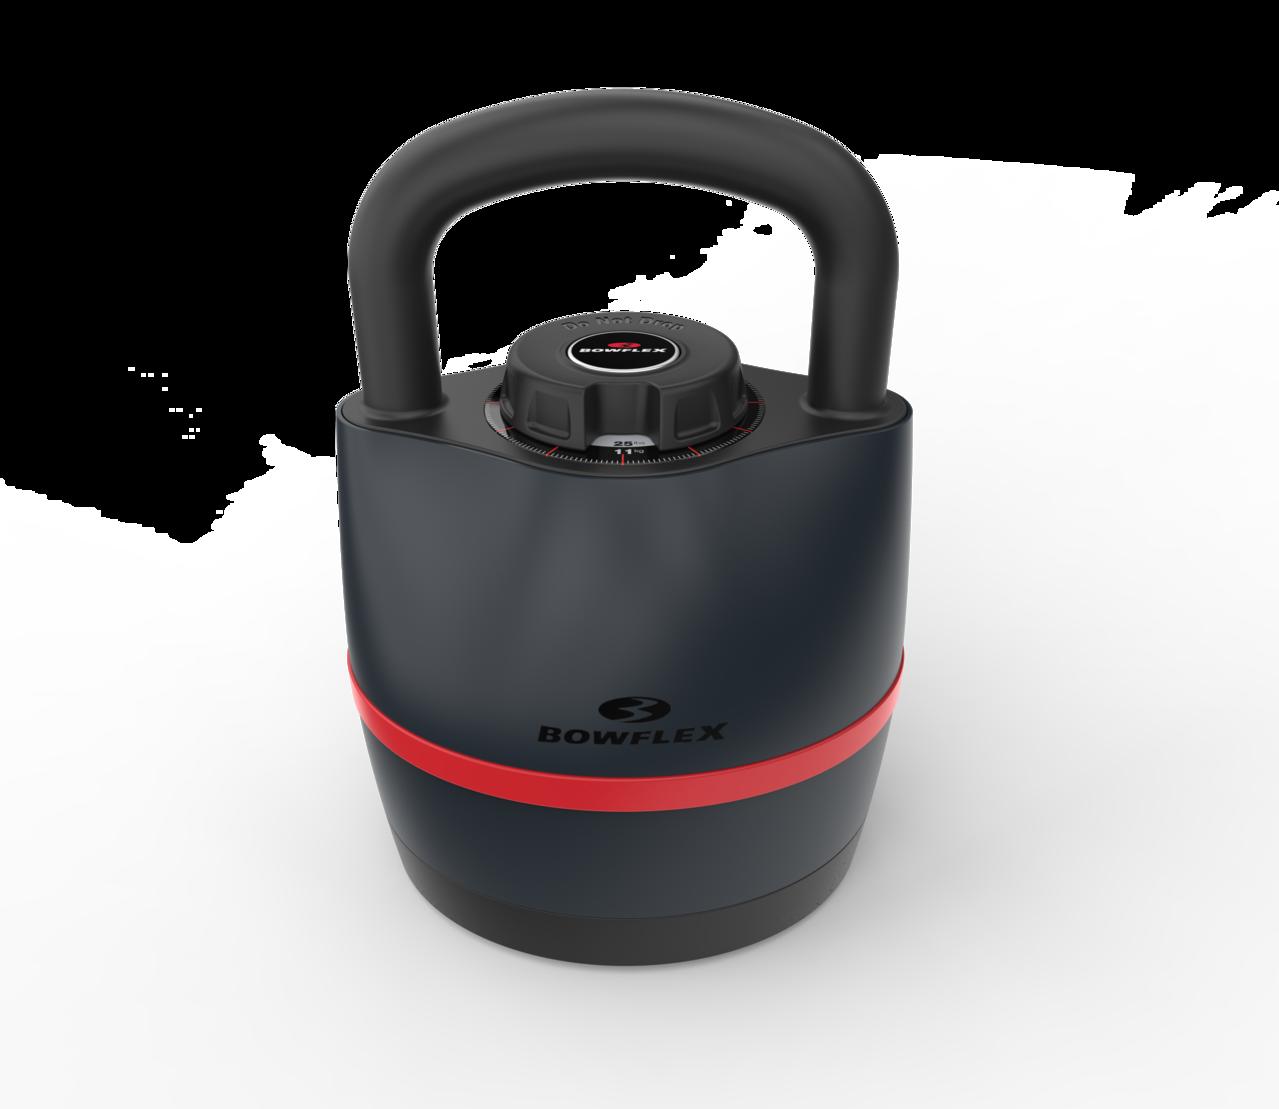 Bowflex SelectTech 840i Verstelbare Kettlebell - 4 tot 18 kg